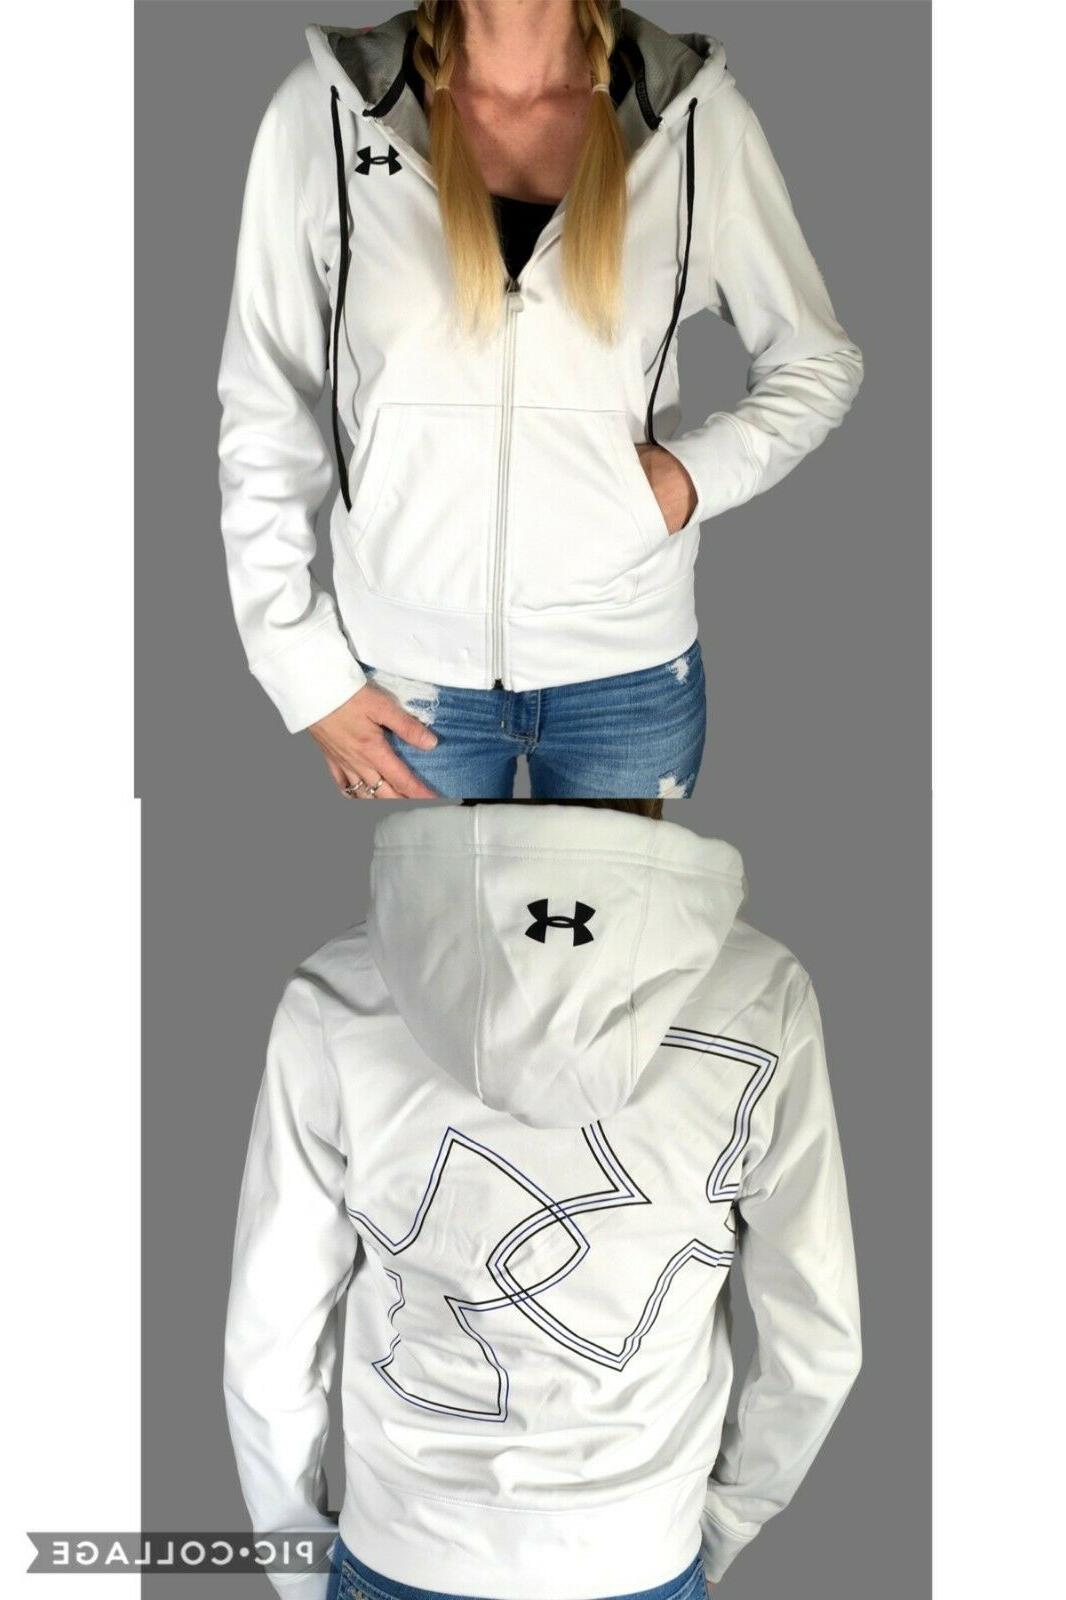 coldgear full zip fleece lined jacket logo